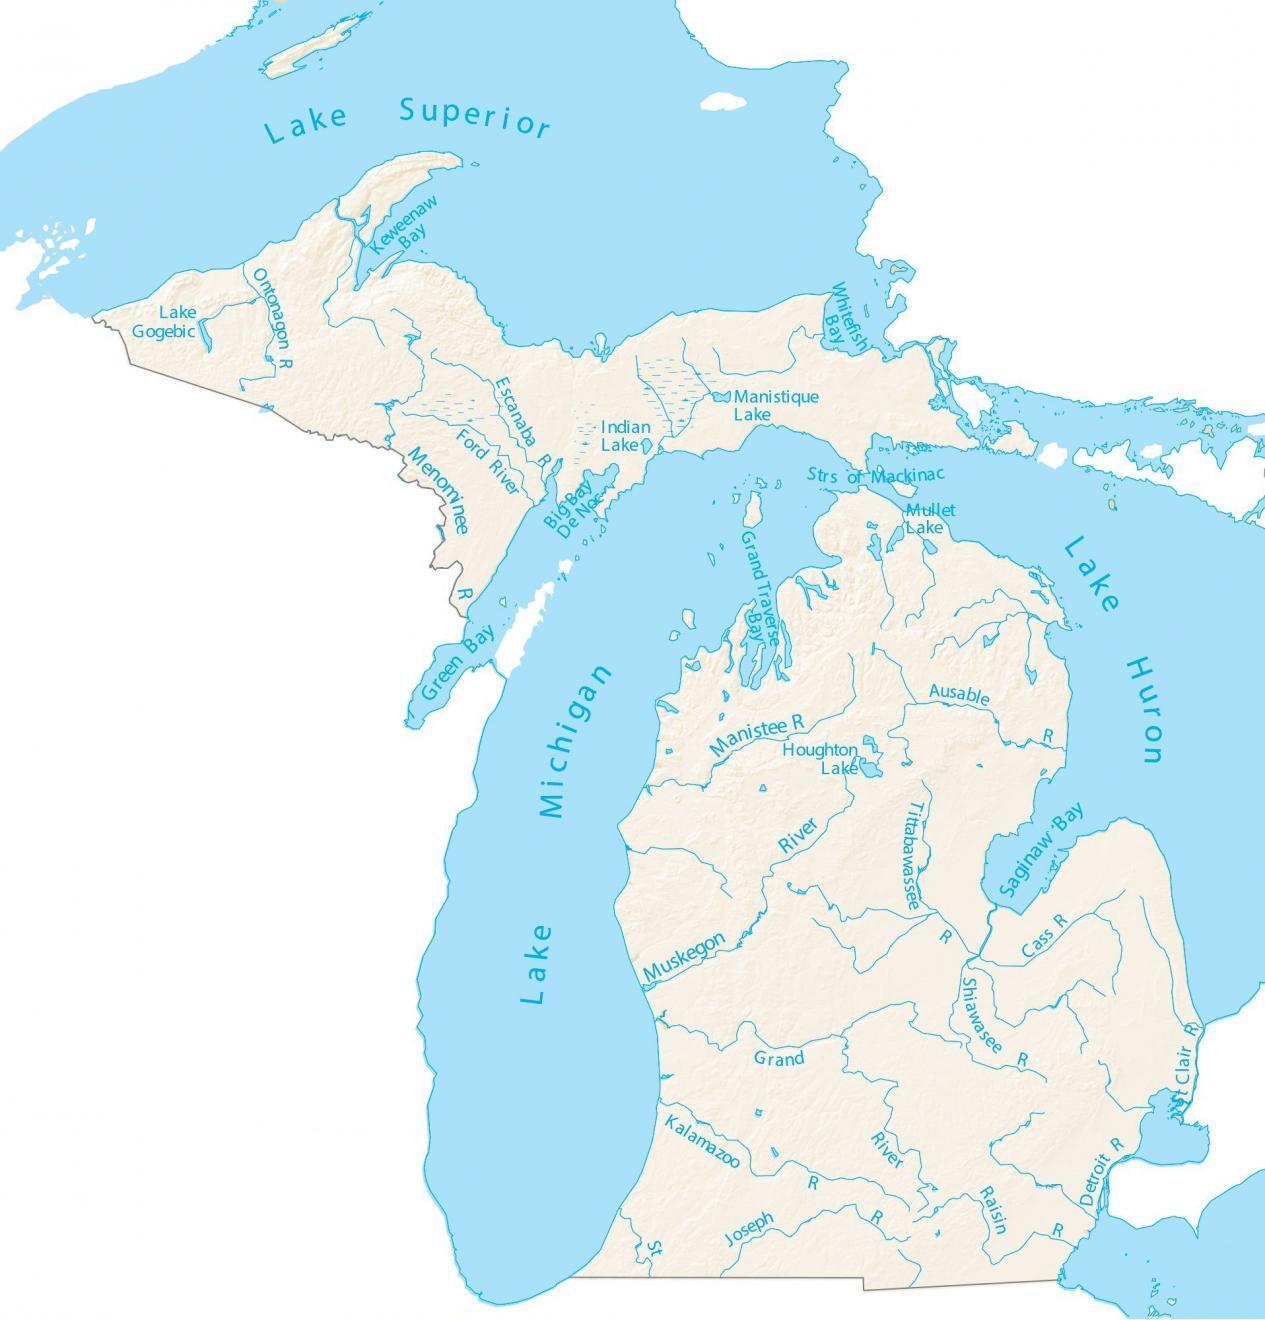 Michigan Lakes and Rivers Map